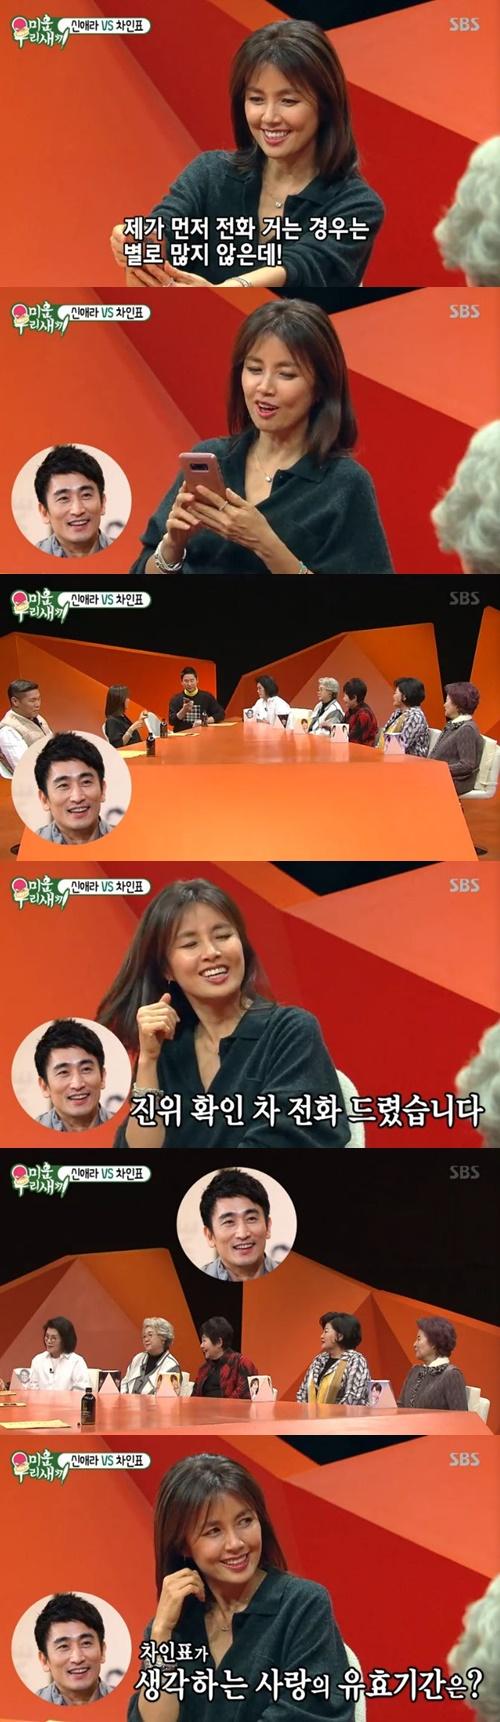 """'미우새' 차인표 """"사랑의 유효기간? 한 명이 눈 감을 때까지"""""""